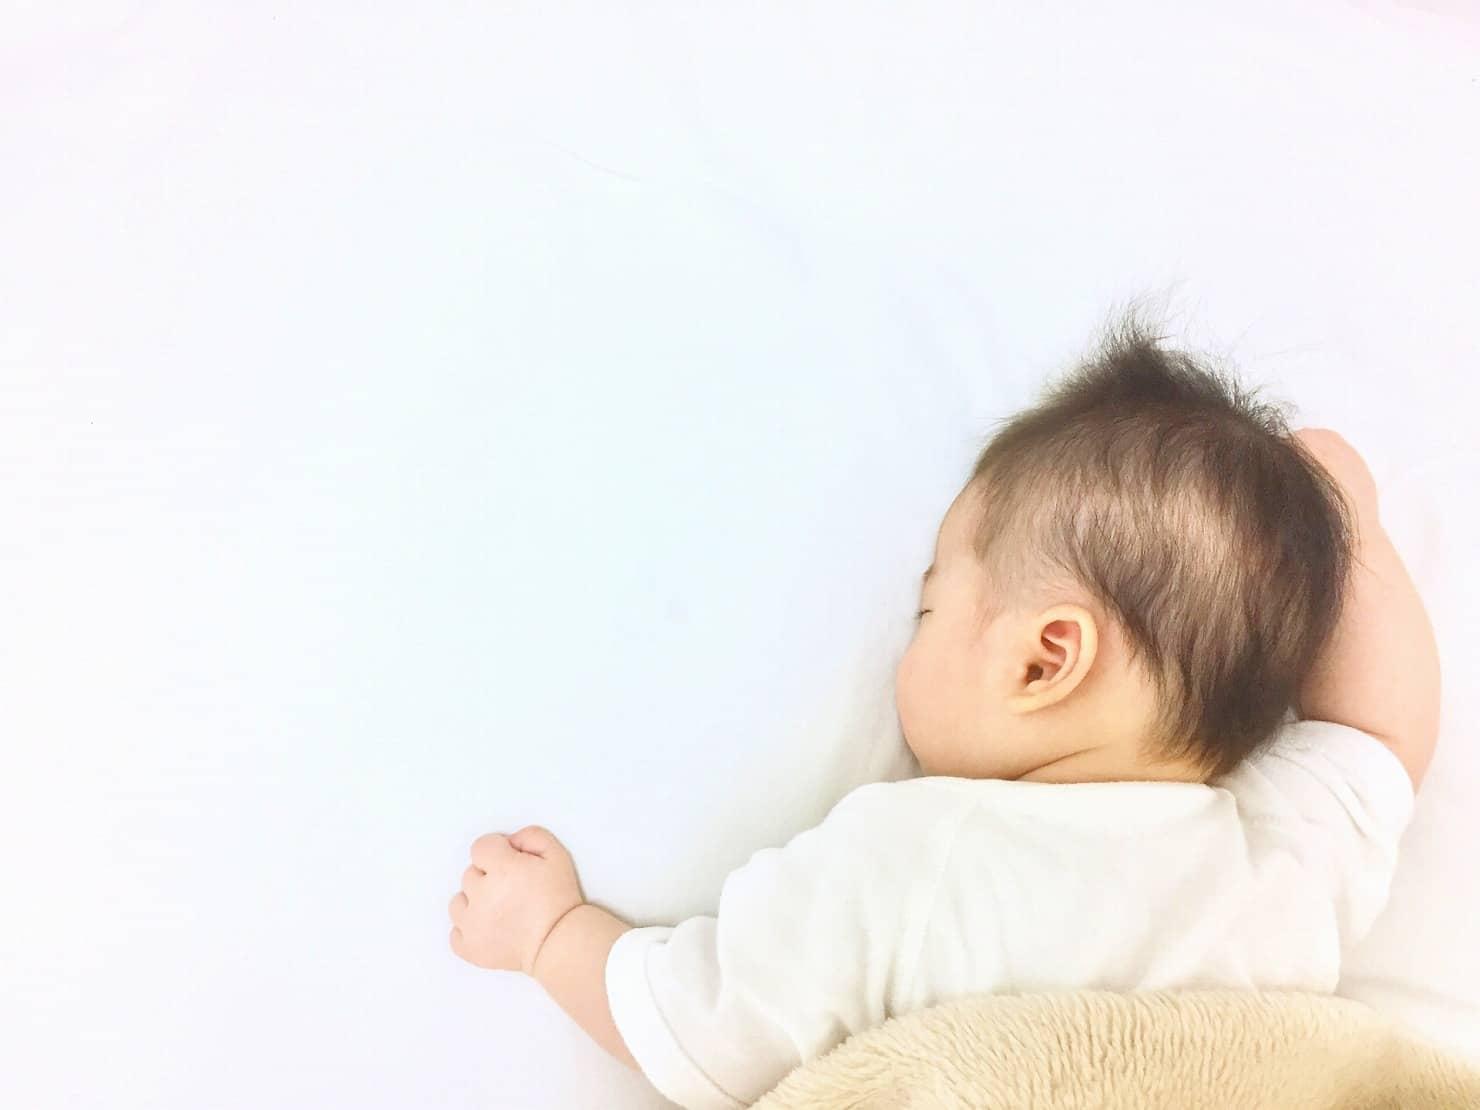 赤ちゃんのうつぶせ寝はダメって本当? うつぶせ寝をしていたら仰向けに戻したほうがいいの?